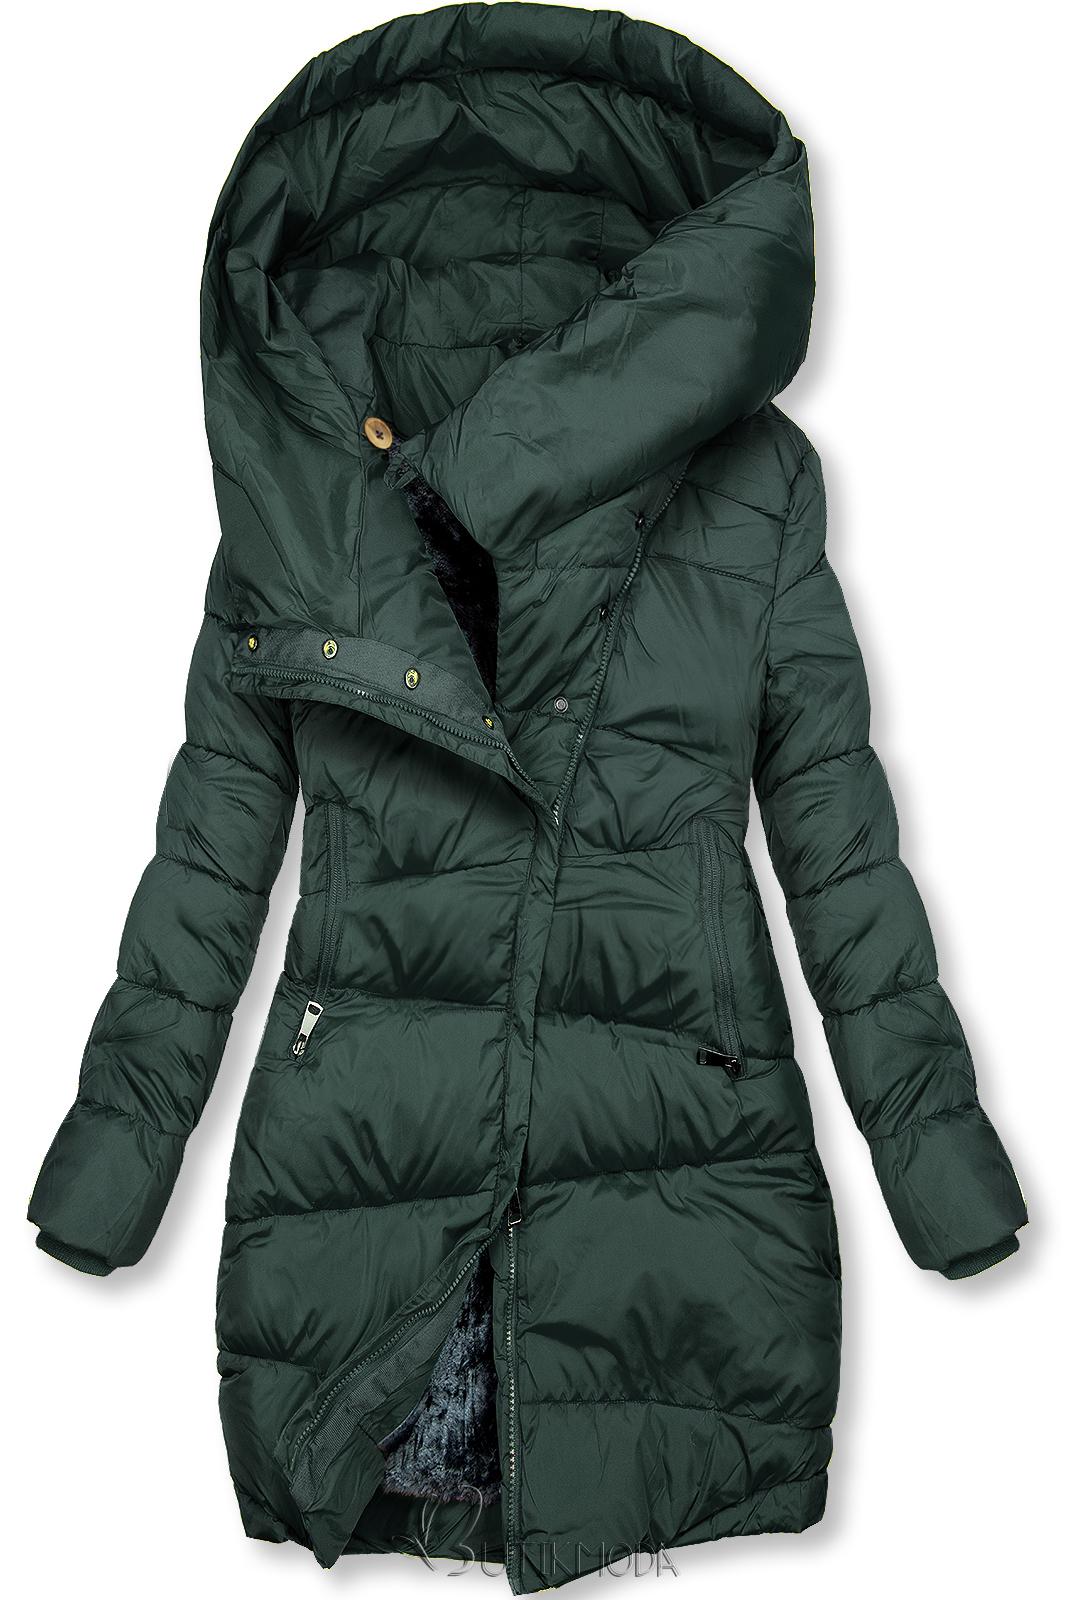 Winterjacke mit hohem Kragen grün